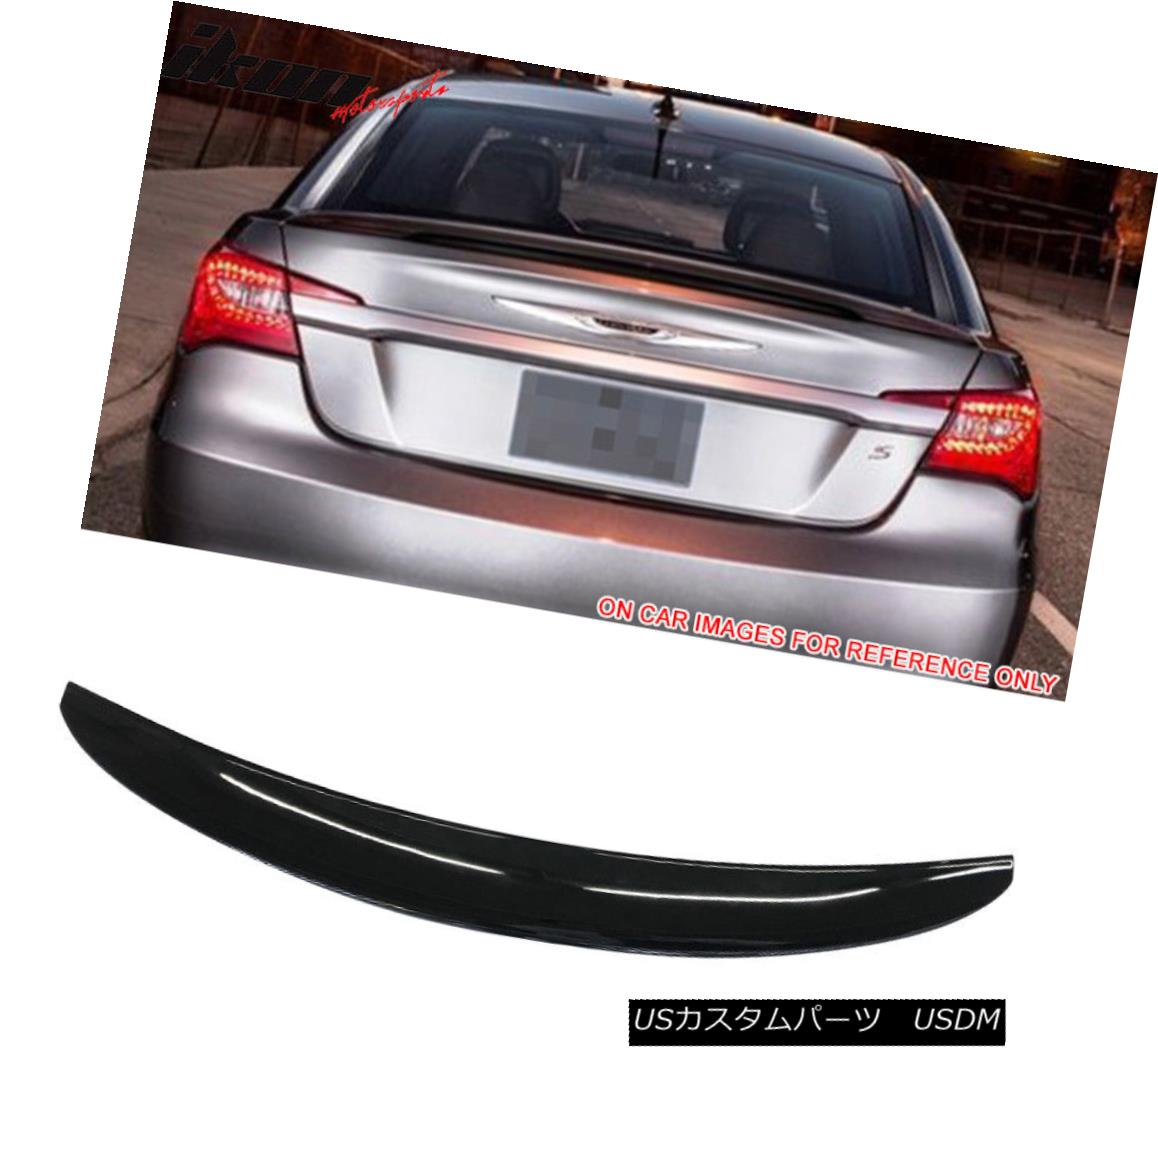 エアロパーツ Fits 11-14 Chrysler 200 OE Style Flushmount Trunk Spoiler Painted #PX8 Black フィット11?14クライスラー200 OEスタイルのフラッシュマウントトレンチスポイラー塗装#PX8ブラック